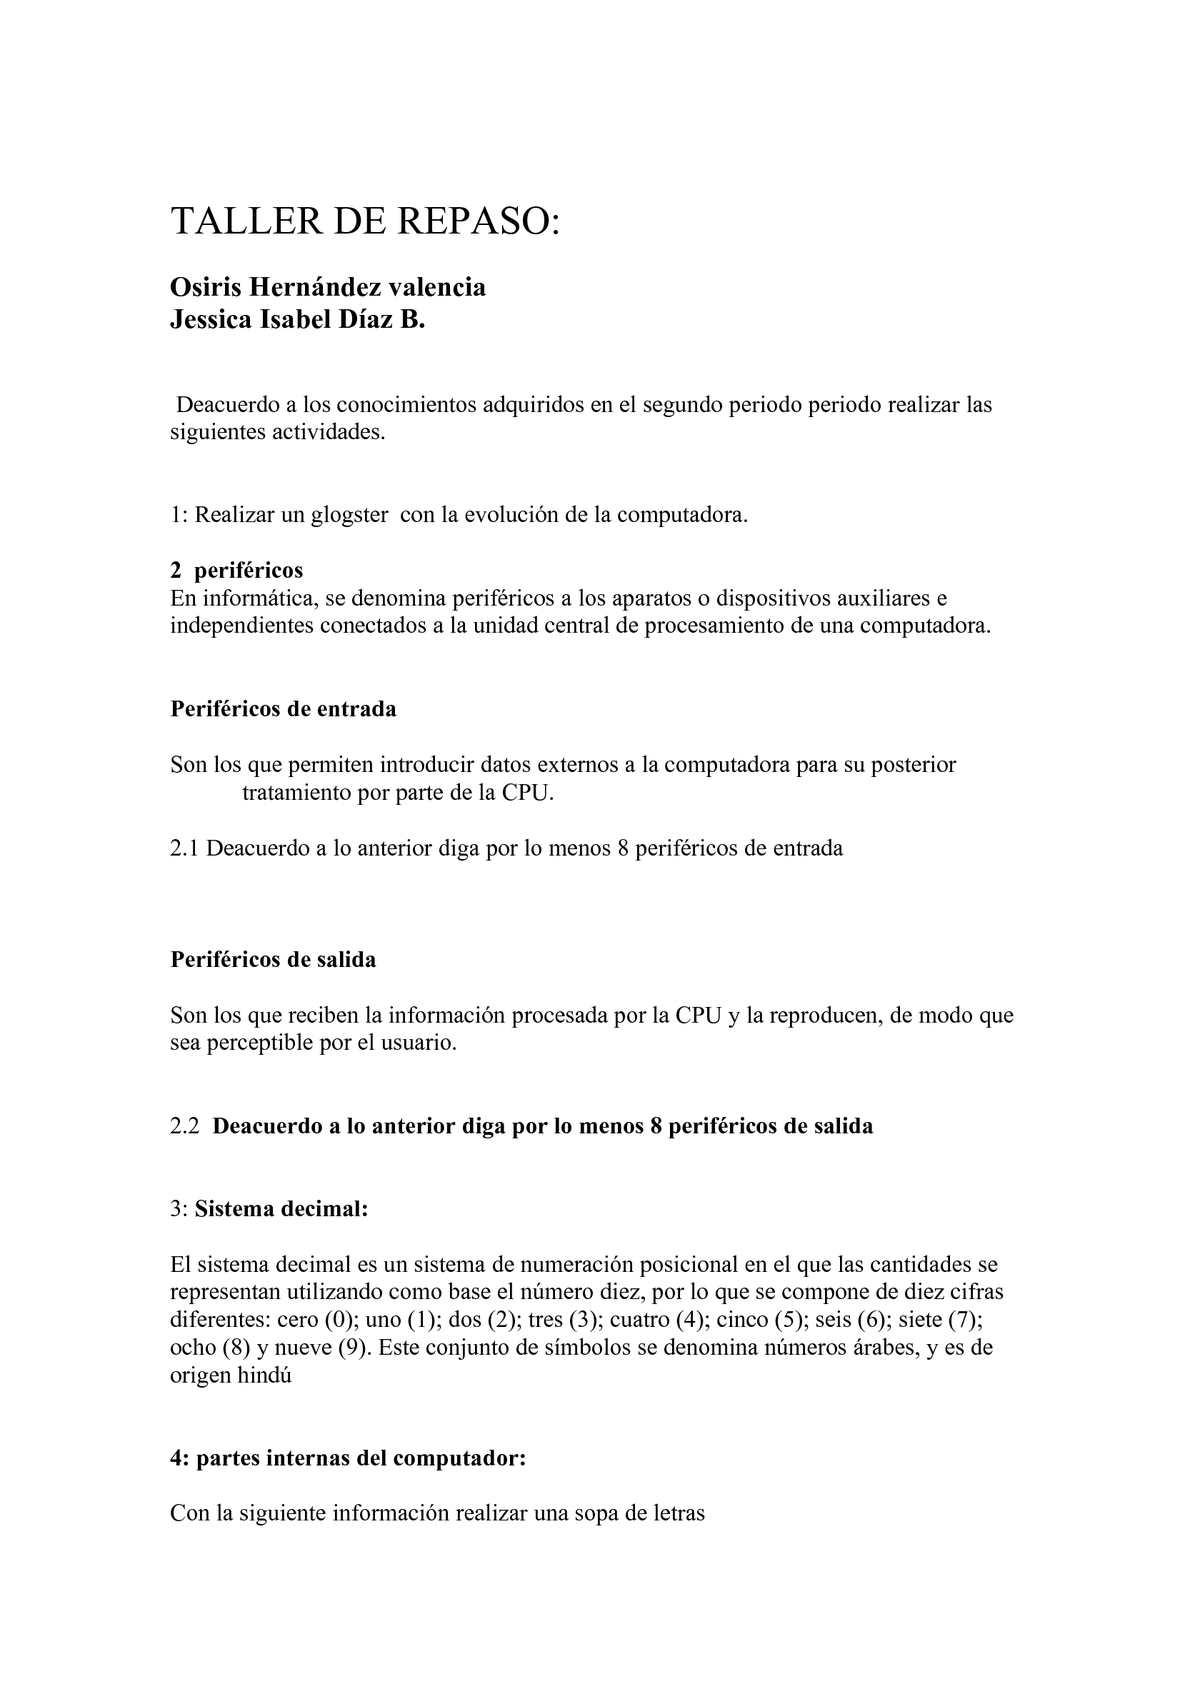 TALLER DE REPASO